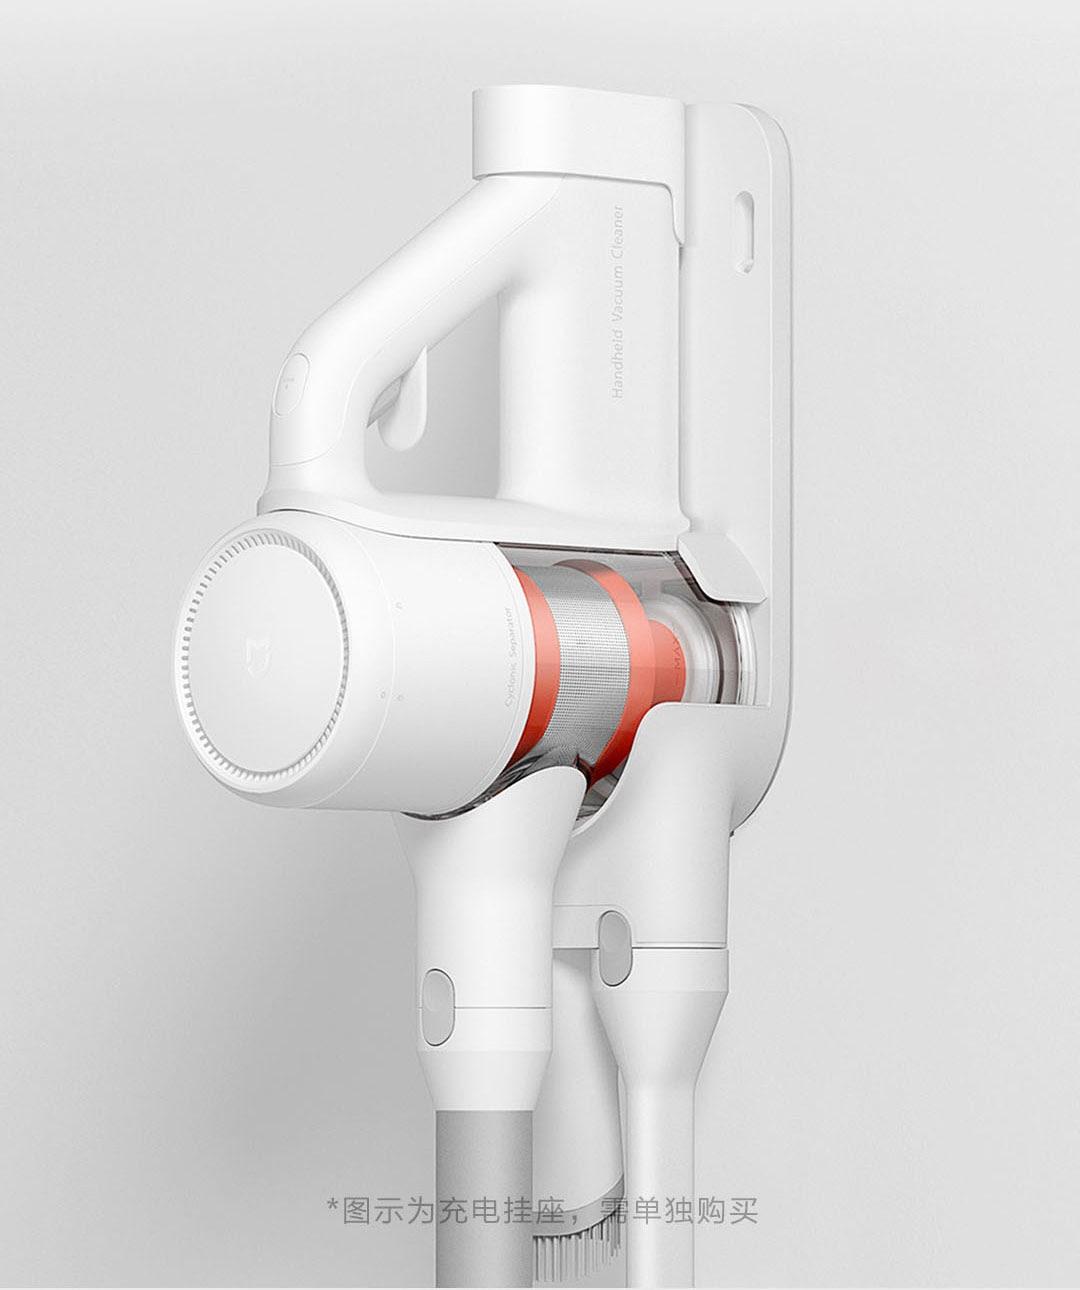 Máy hút bụi cầm tay không dây Mijia SCWXCQ01RR